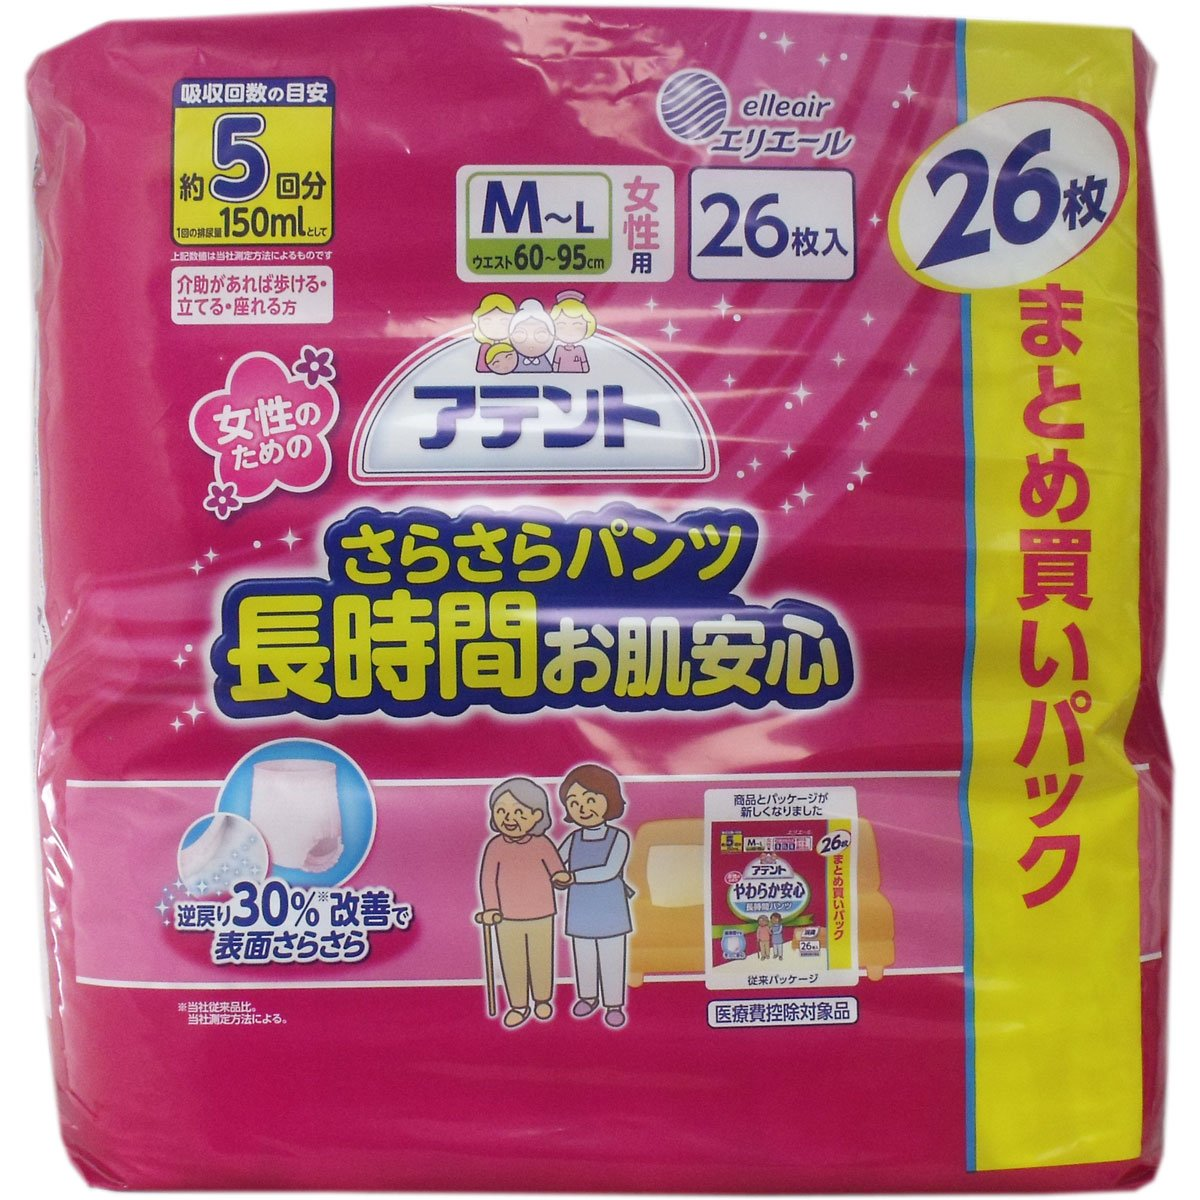 アテントさらさらパンツ長時間お肌安心M~L女性用26枚 × 5個セット B06Y5B5JML   5個